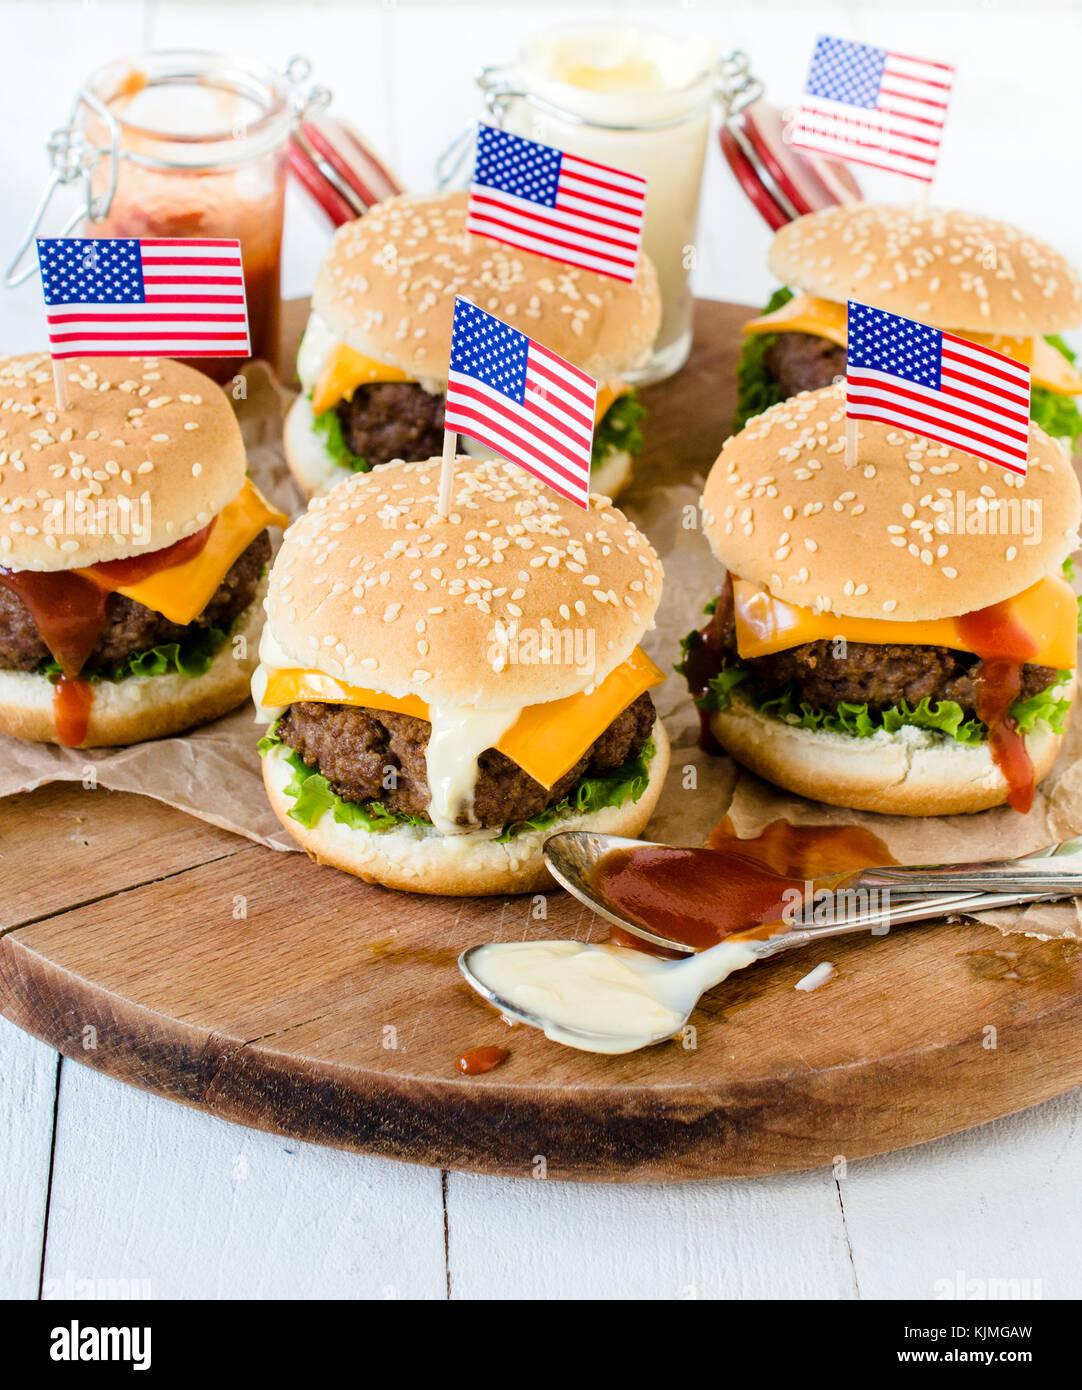 amerikanische mini rindfleisch burger mit k se und usa. Black Bedroom Furniture Sets. Home Design Ideas